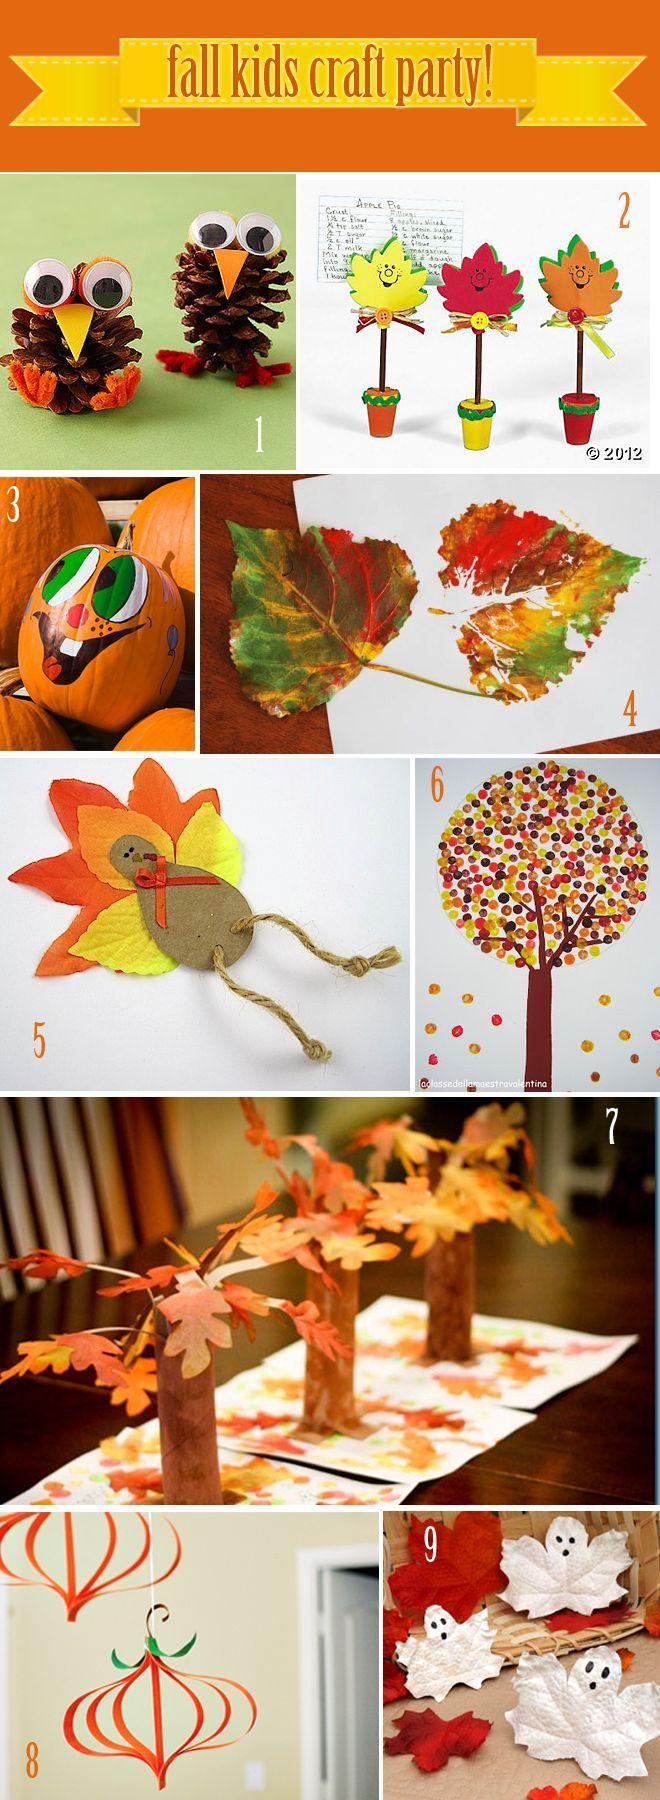 Fall Kids Craft Ideas